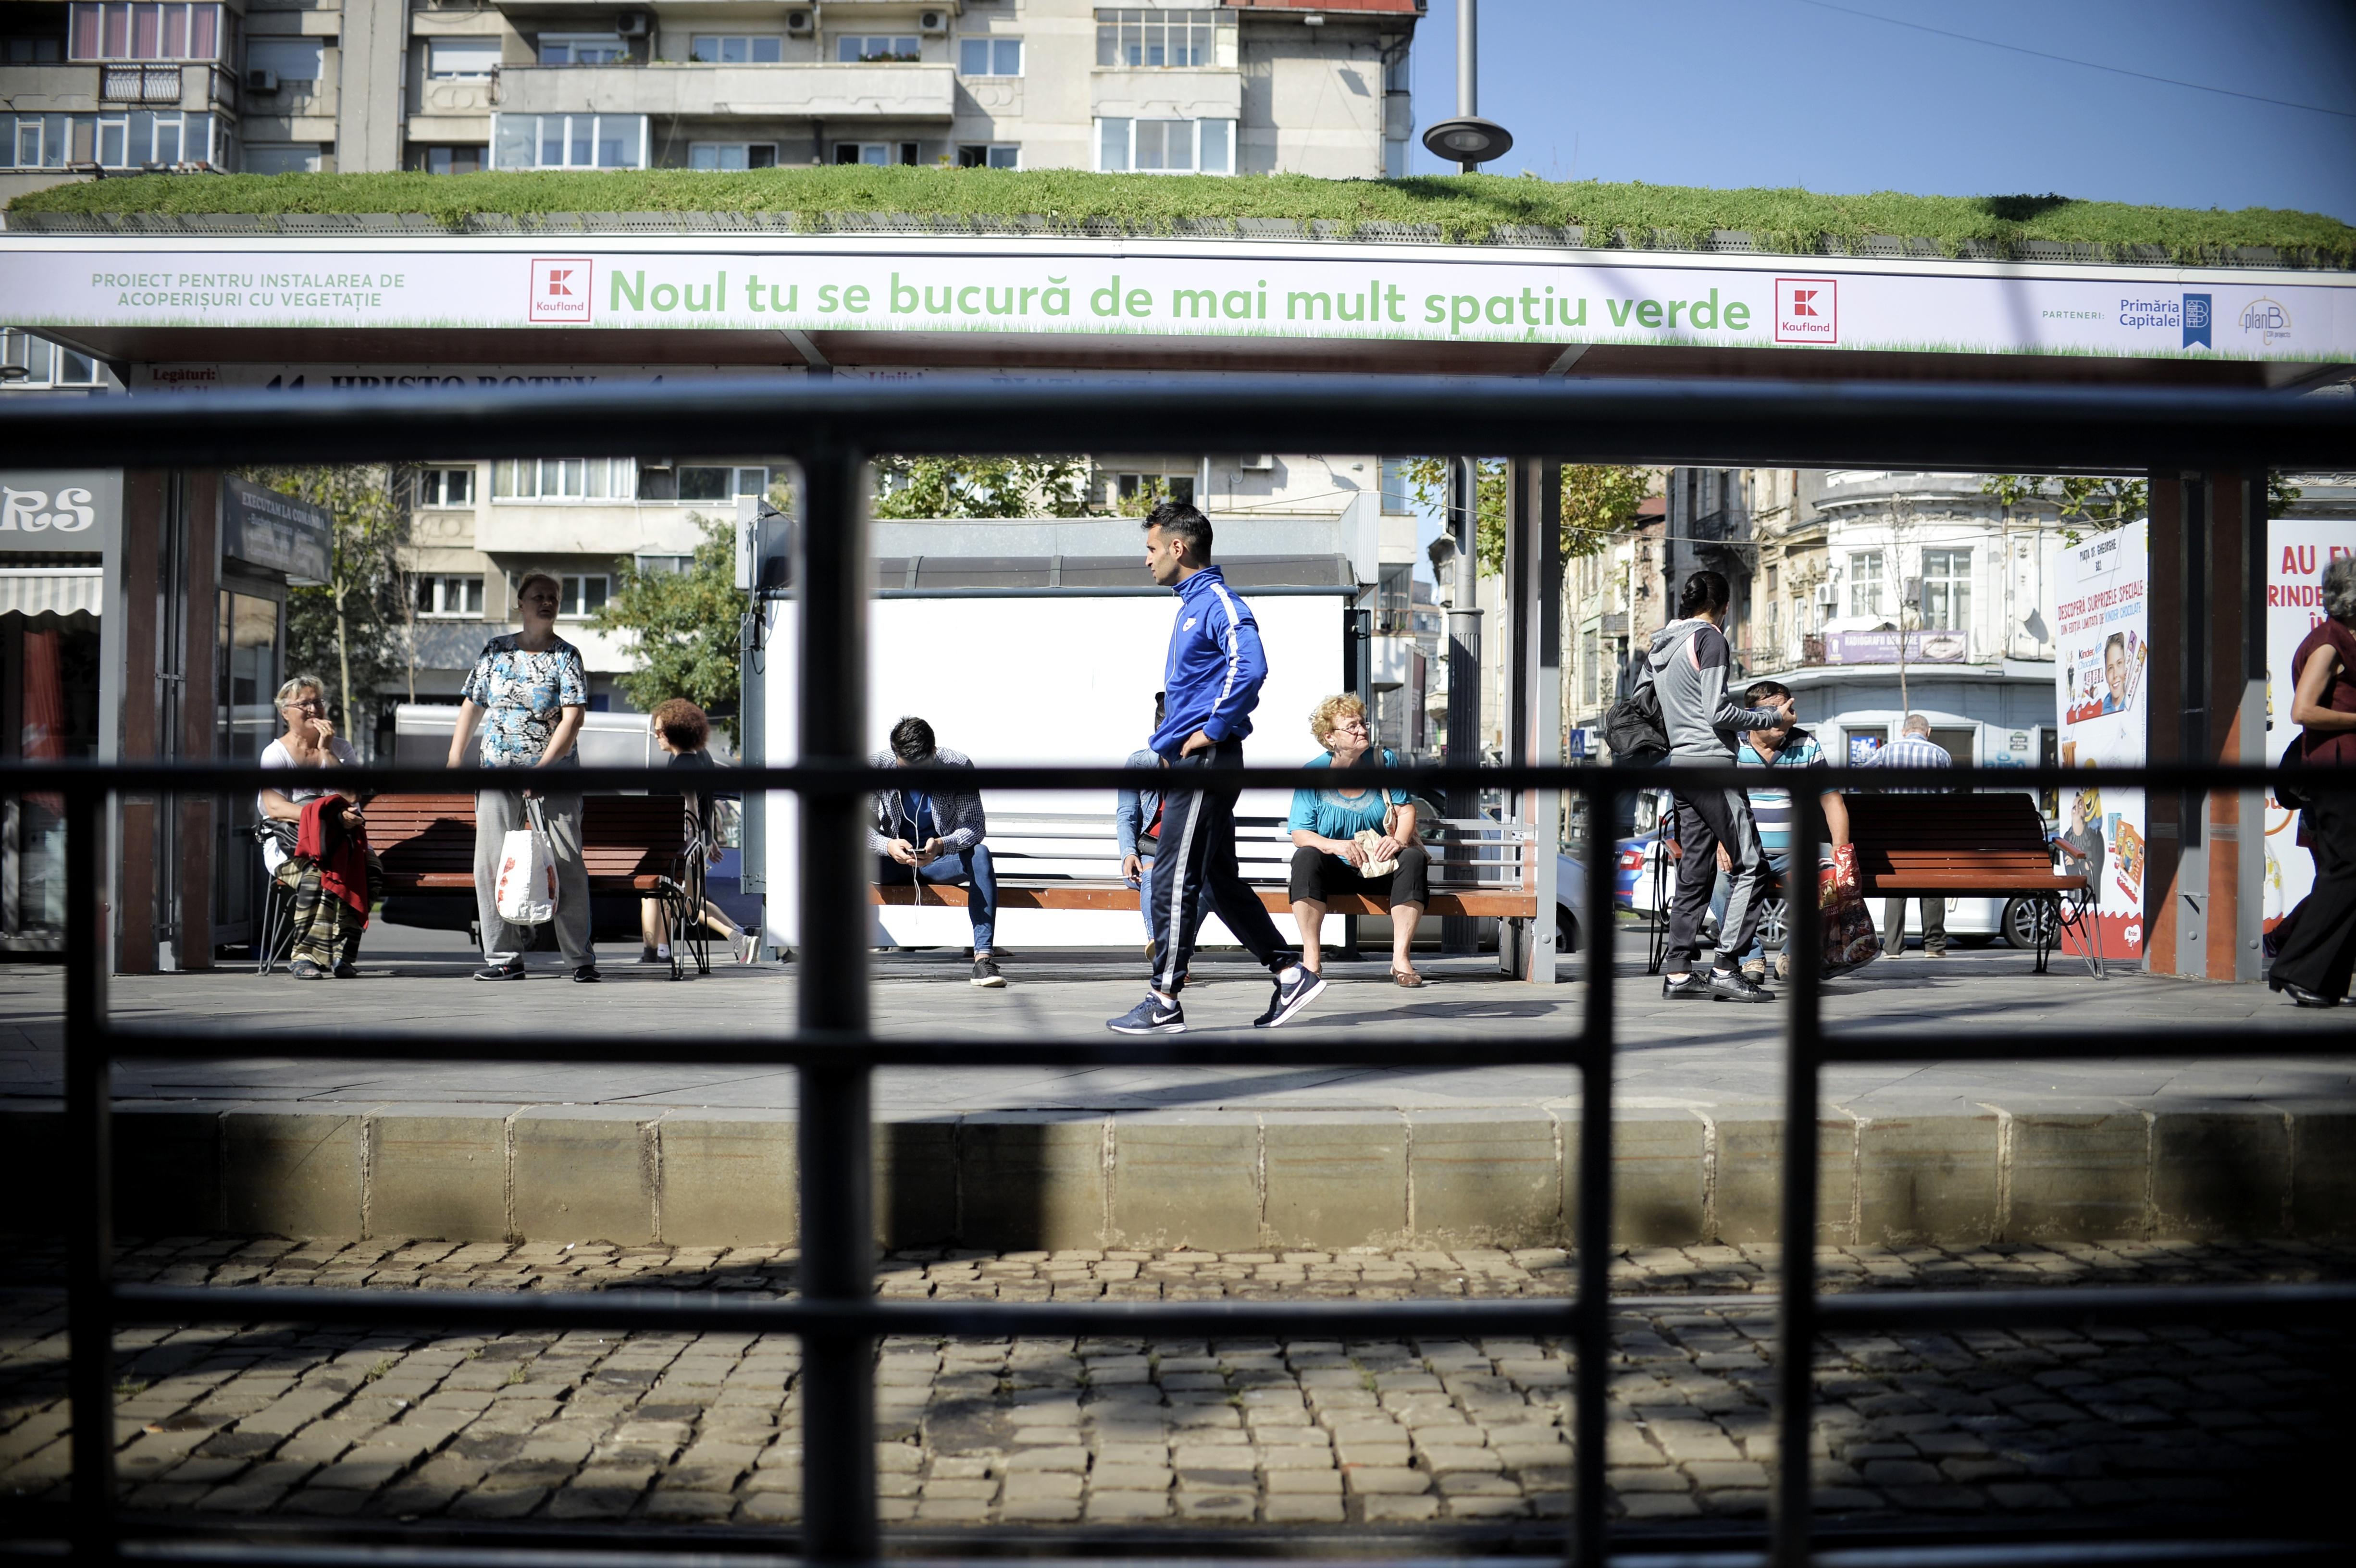 După patru ani, se reia circulaţia tramvaielor pe Şoseaua Pantelimon